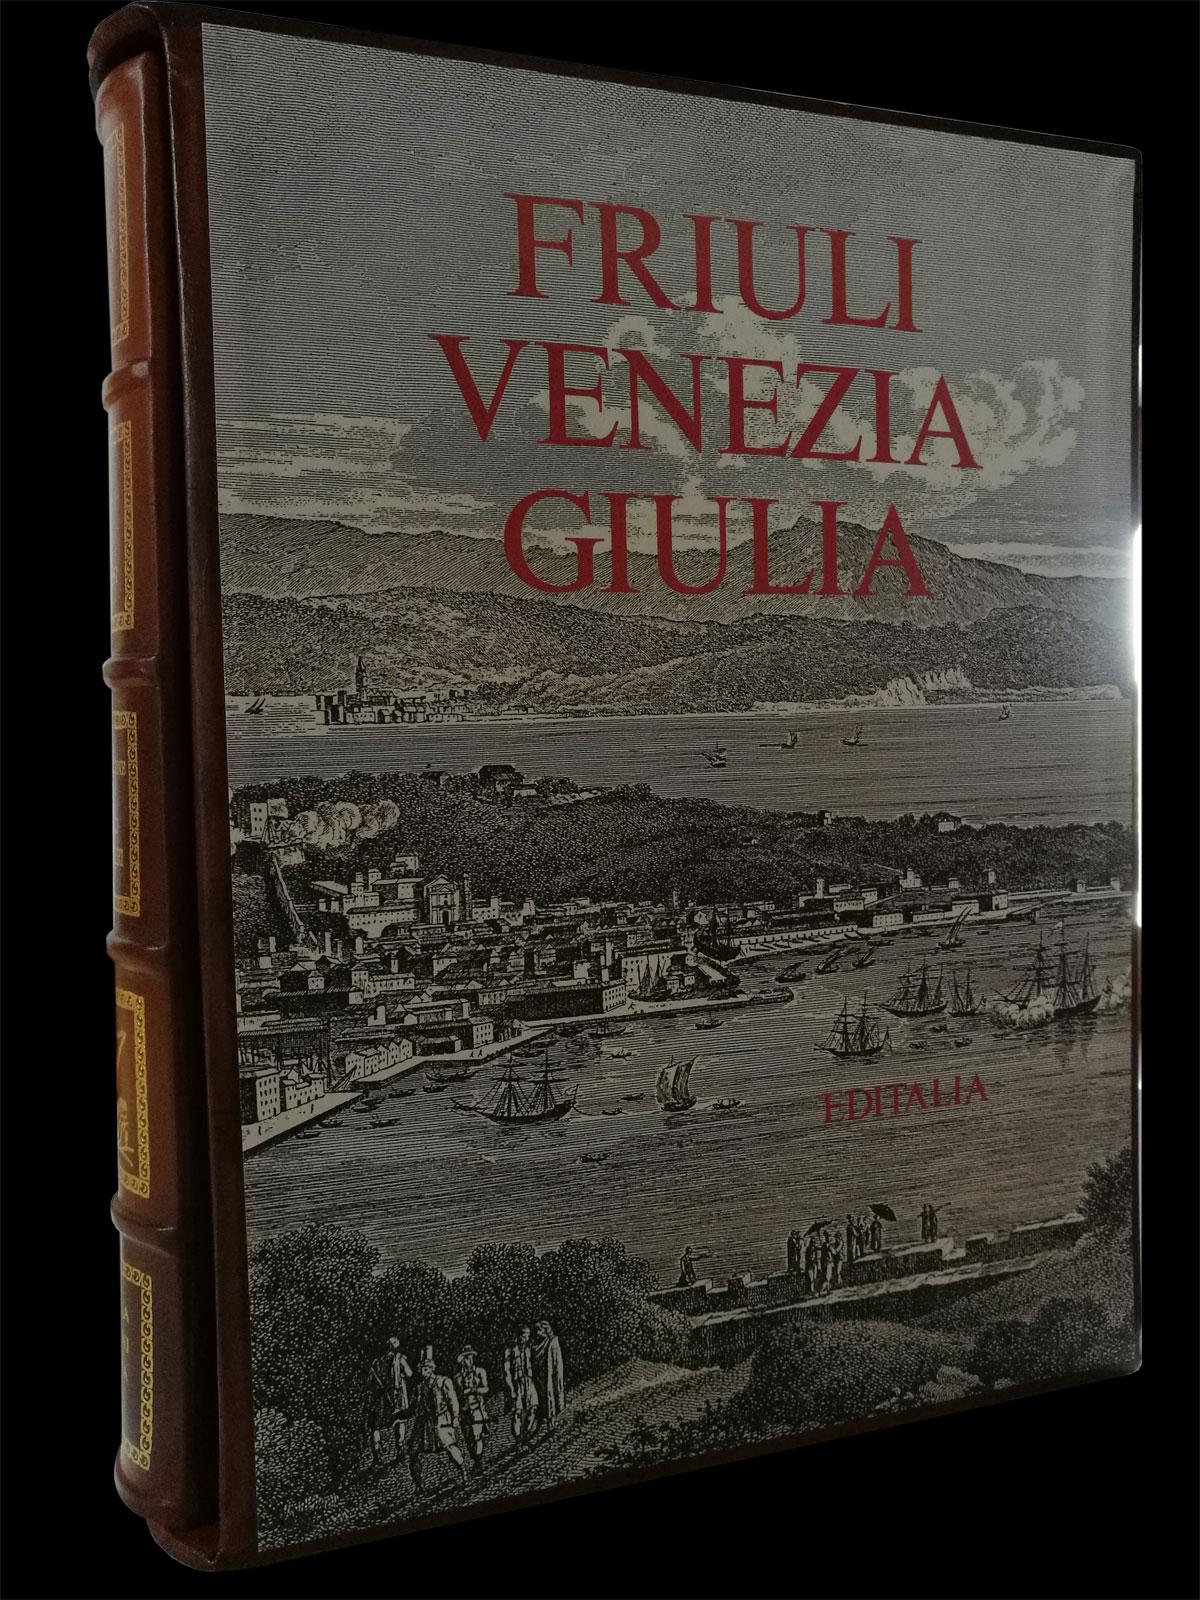 Friuli venezia giulia editalia vendere quadri - Mostre friuli venezia giulia ...